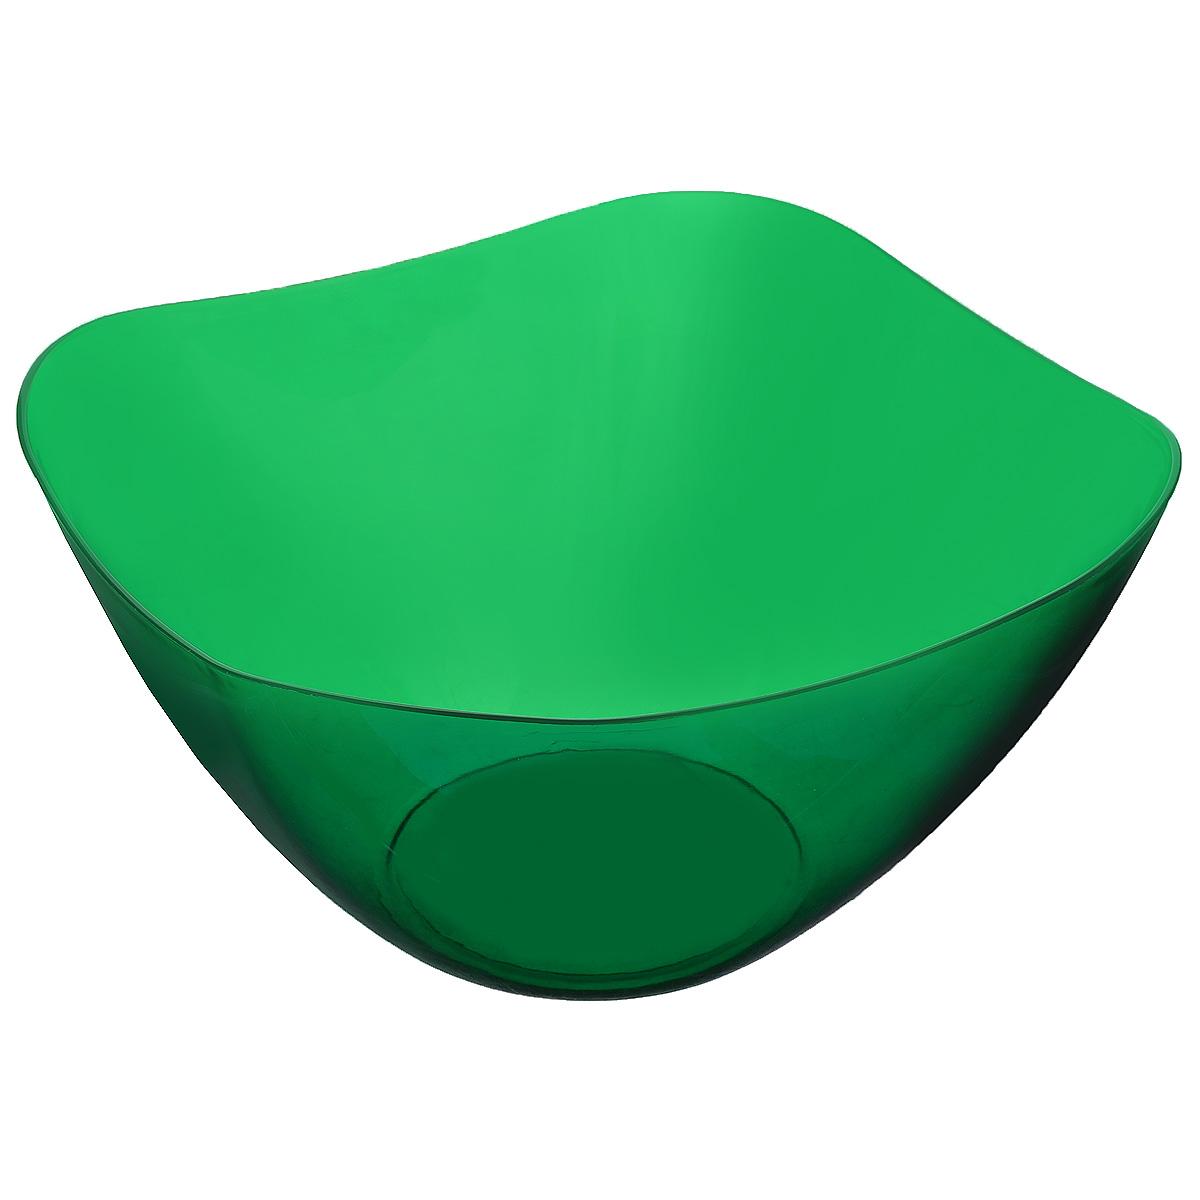 """Салатник Berossi """"Ice"""" изготовлен из высококачественного пищевого пластика. Такой салатник  прекрасно подойдет для сервировки салатов, фруктов, ягод. Прекрасный вариант для дачи и  отдыха на природе.  Объем: 1 л.  Размер (по верхнему краю): 16,3 см х 16,3 см.  Высота стенки: 8 см."""